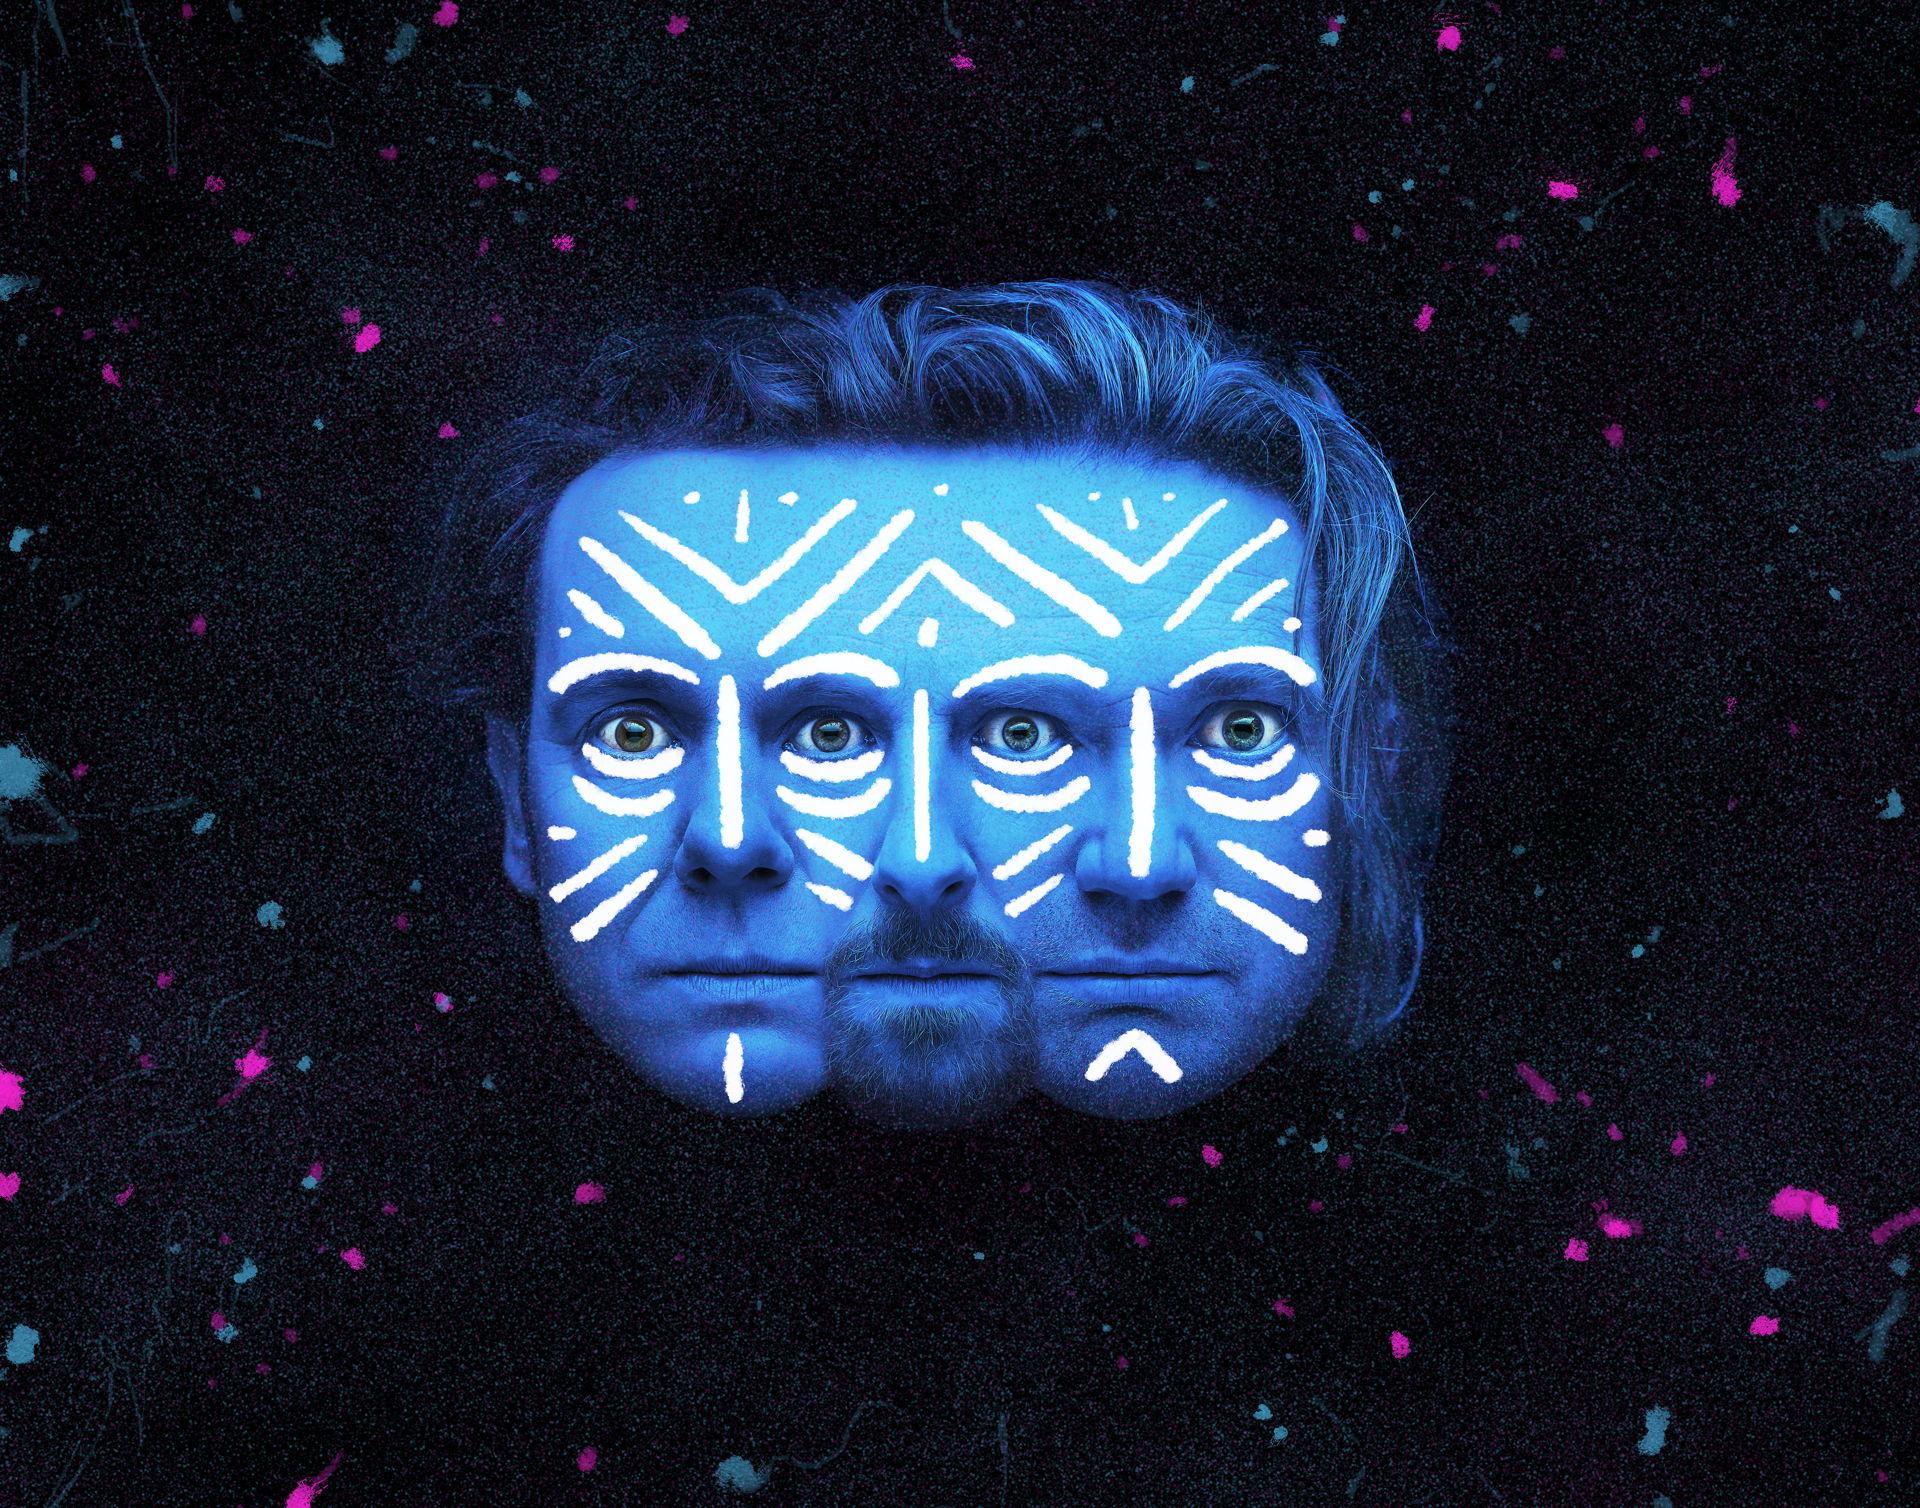 Rebels, onverschrokken, hilarisch, muzikaal, ongeëvenaard… De Ashton Brothers zijn terug! In hun gloednieuwe show gaan Pim, Joost en Friso op zoek naar de kern van hun broederschap.